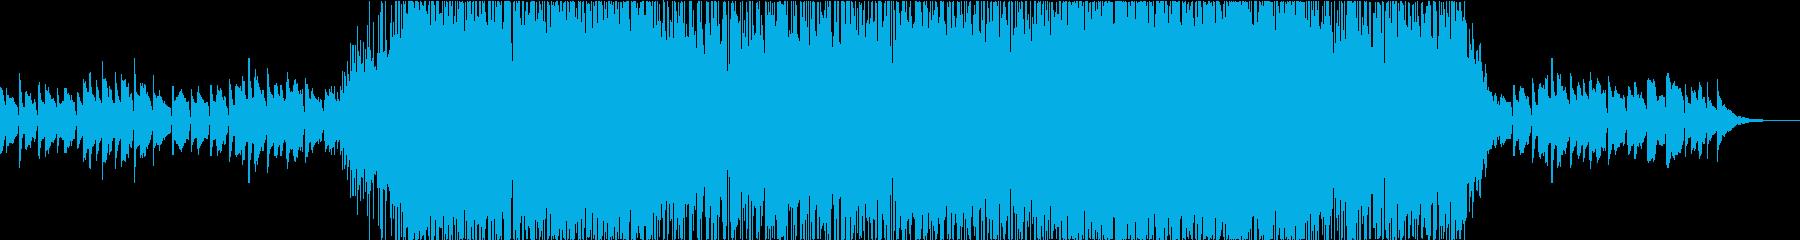 ジムノペディのメロディを引用したロックの再生済みの波形